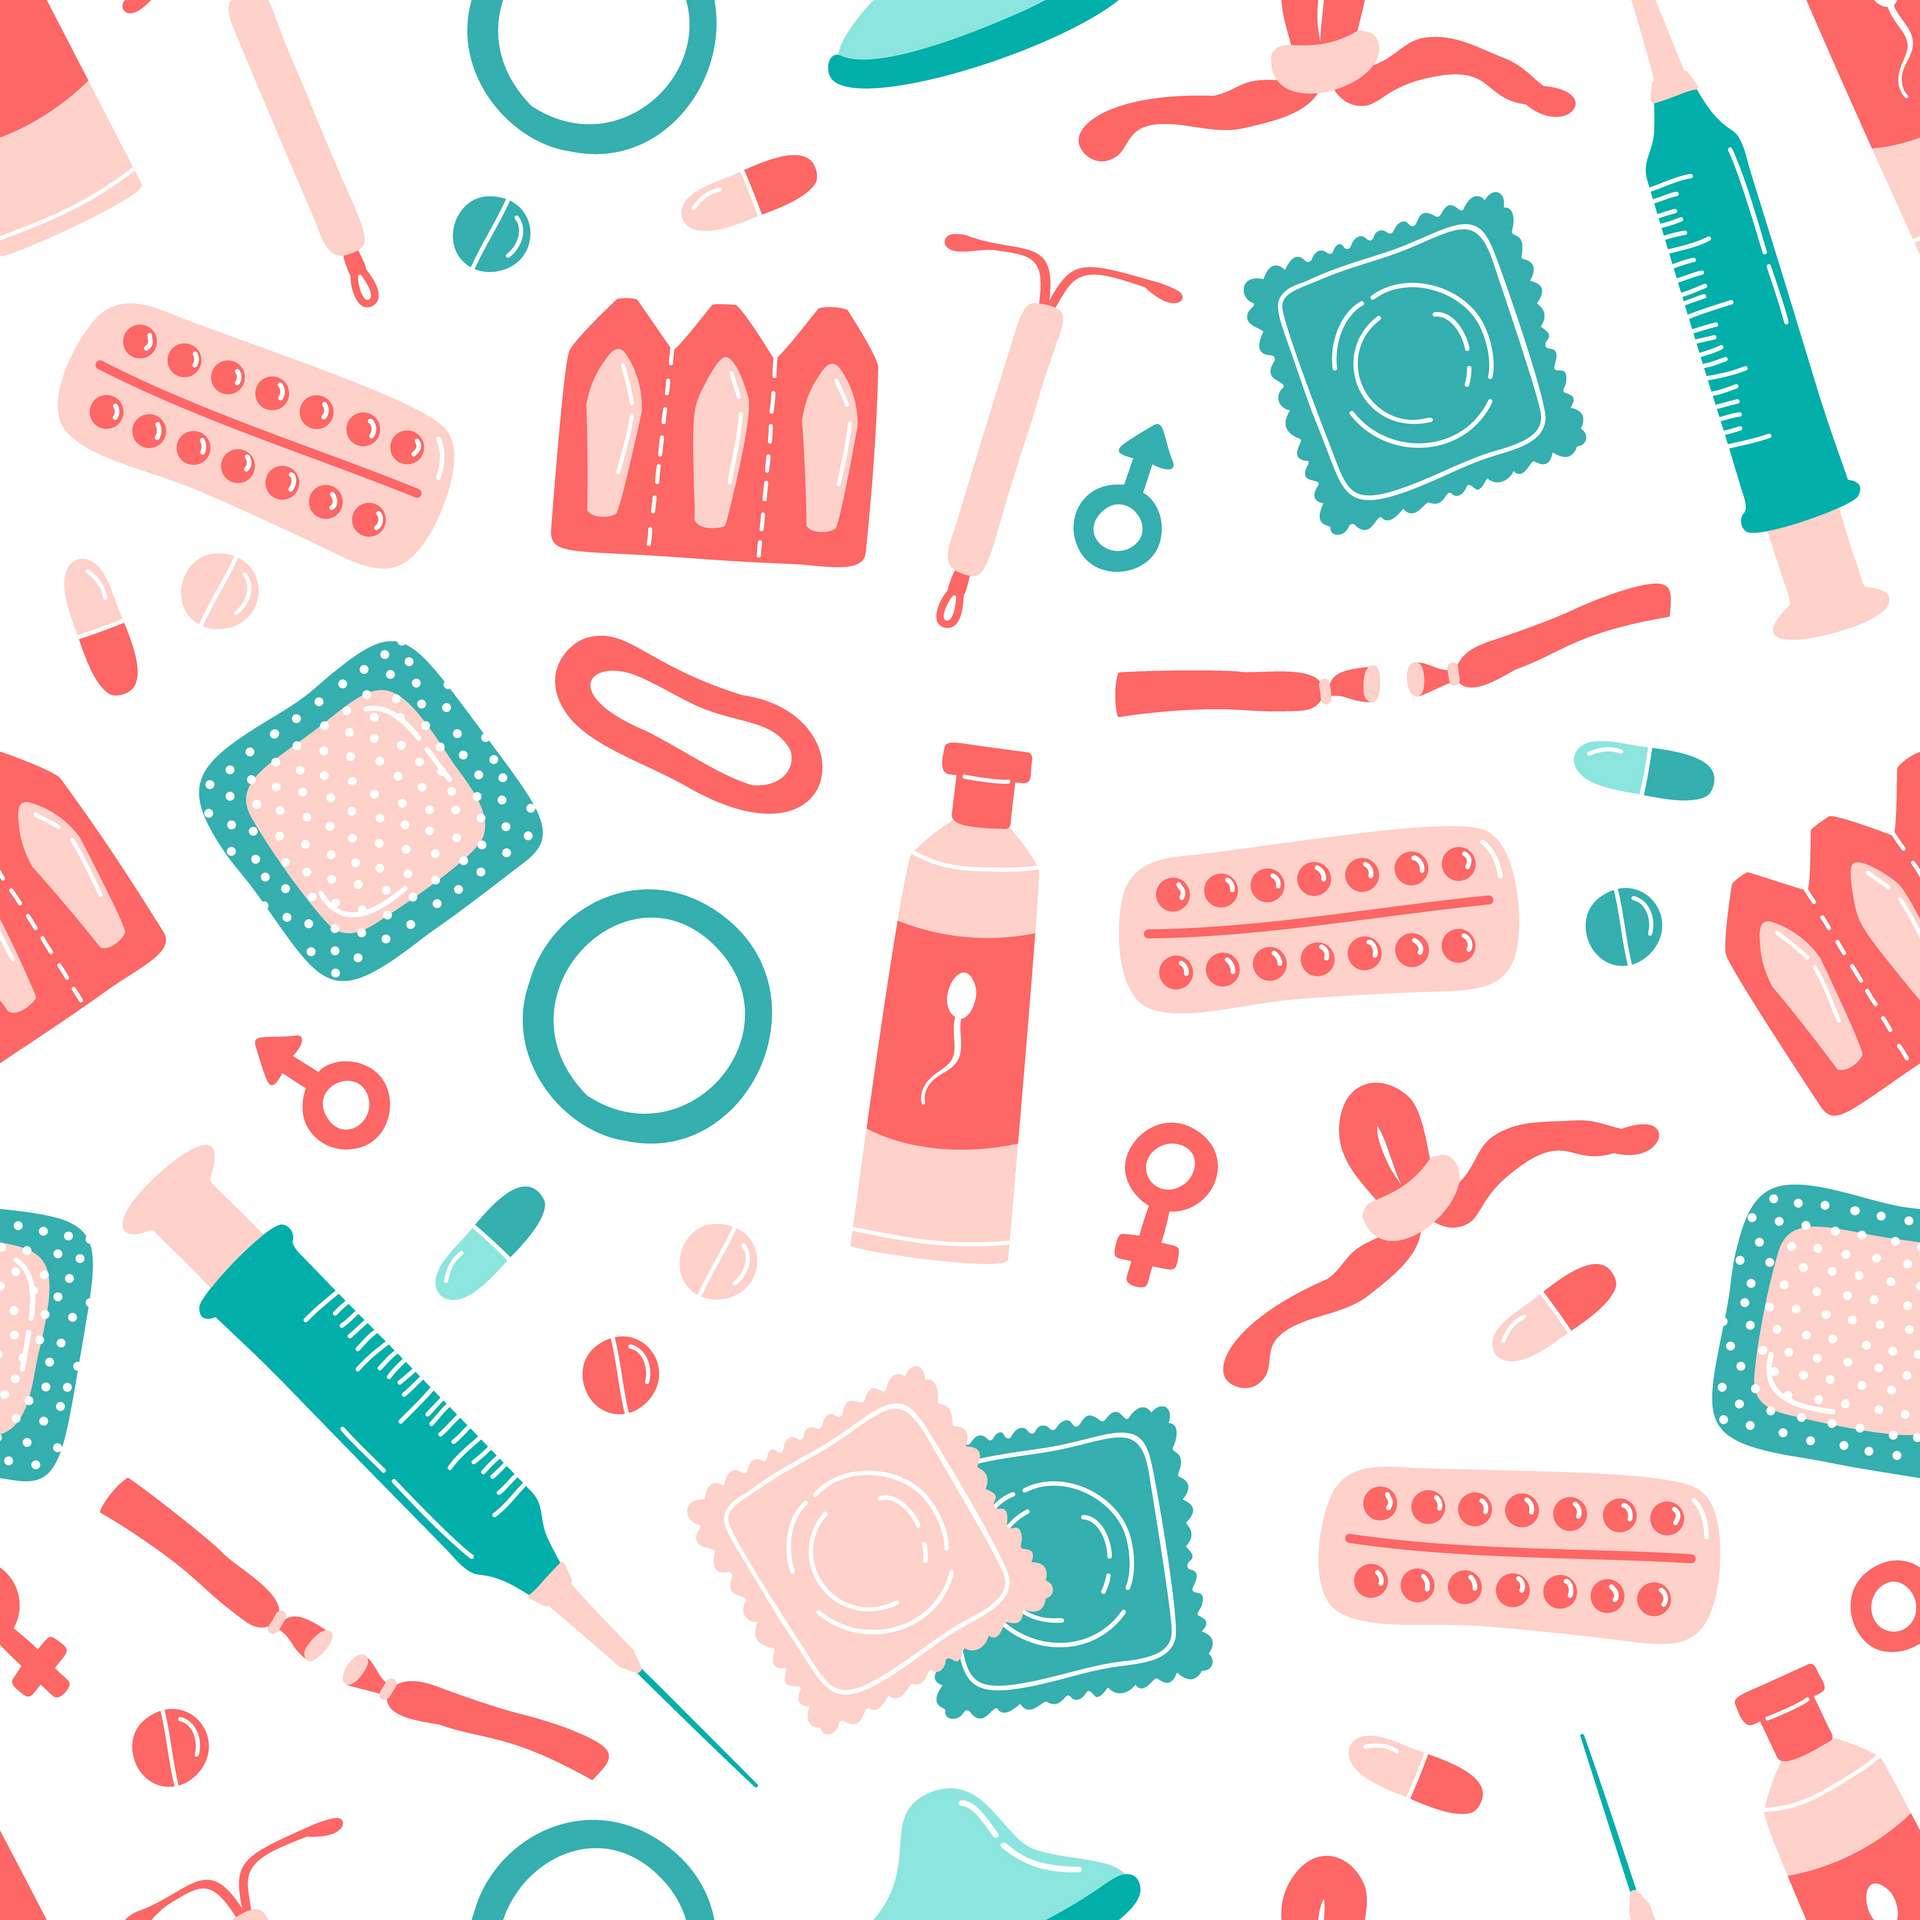 Bien que la pilule contraceptive soit la plus connue, il existe d'autres méthodes de contrôle de la fertilité, avec ou sans hormones. © Sonko Drimko, Adobe Stock